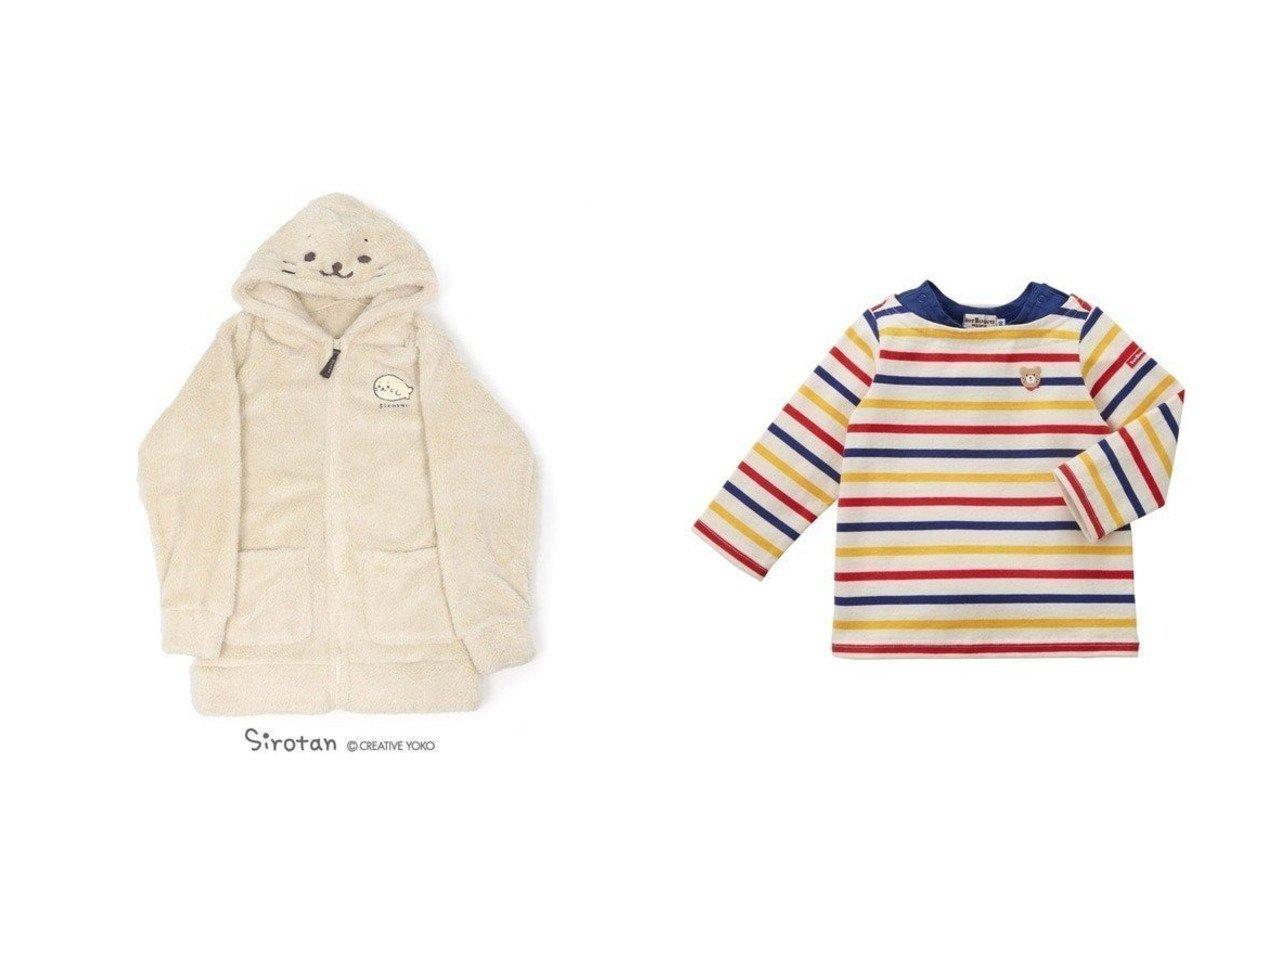 【Mother garden / KIDS/マザーガーデン】のしろたん しろもこ パーカー《アイボリー》 ユニセックス&【MIKI HOUSE HOT BISCUITS / KIDS/ミキハウスホットビスケッツ】の【HOTBISCUITS】重ね着風ボーダーTシャツ 【KIDS】子供服のおすすめ!人気トレンド・キッズファッションの通販  おすすめで人気の流行・トレンド、ファッションの通販商品 メンズファッション・キッズファッション・インテリア・家具・レディースファッション・服の通販 founy(ファニー) https://founy.com/ ファッション Fashion キッズファッション KIDS トップス Tops Tees Kids パーカー 送料無料 Free Shipping ボーダー 定番 Standard 長袖 |ID:crp329100000011276